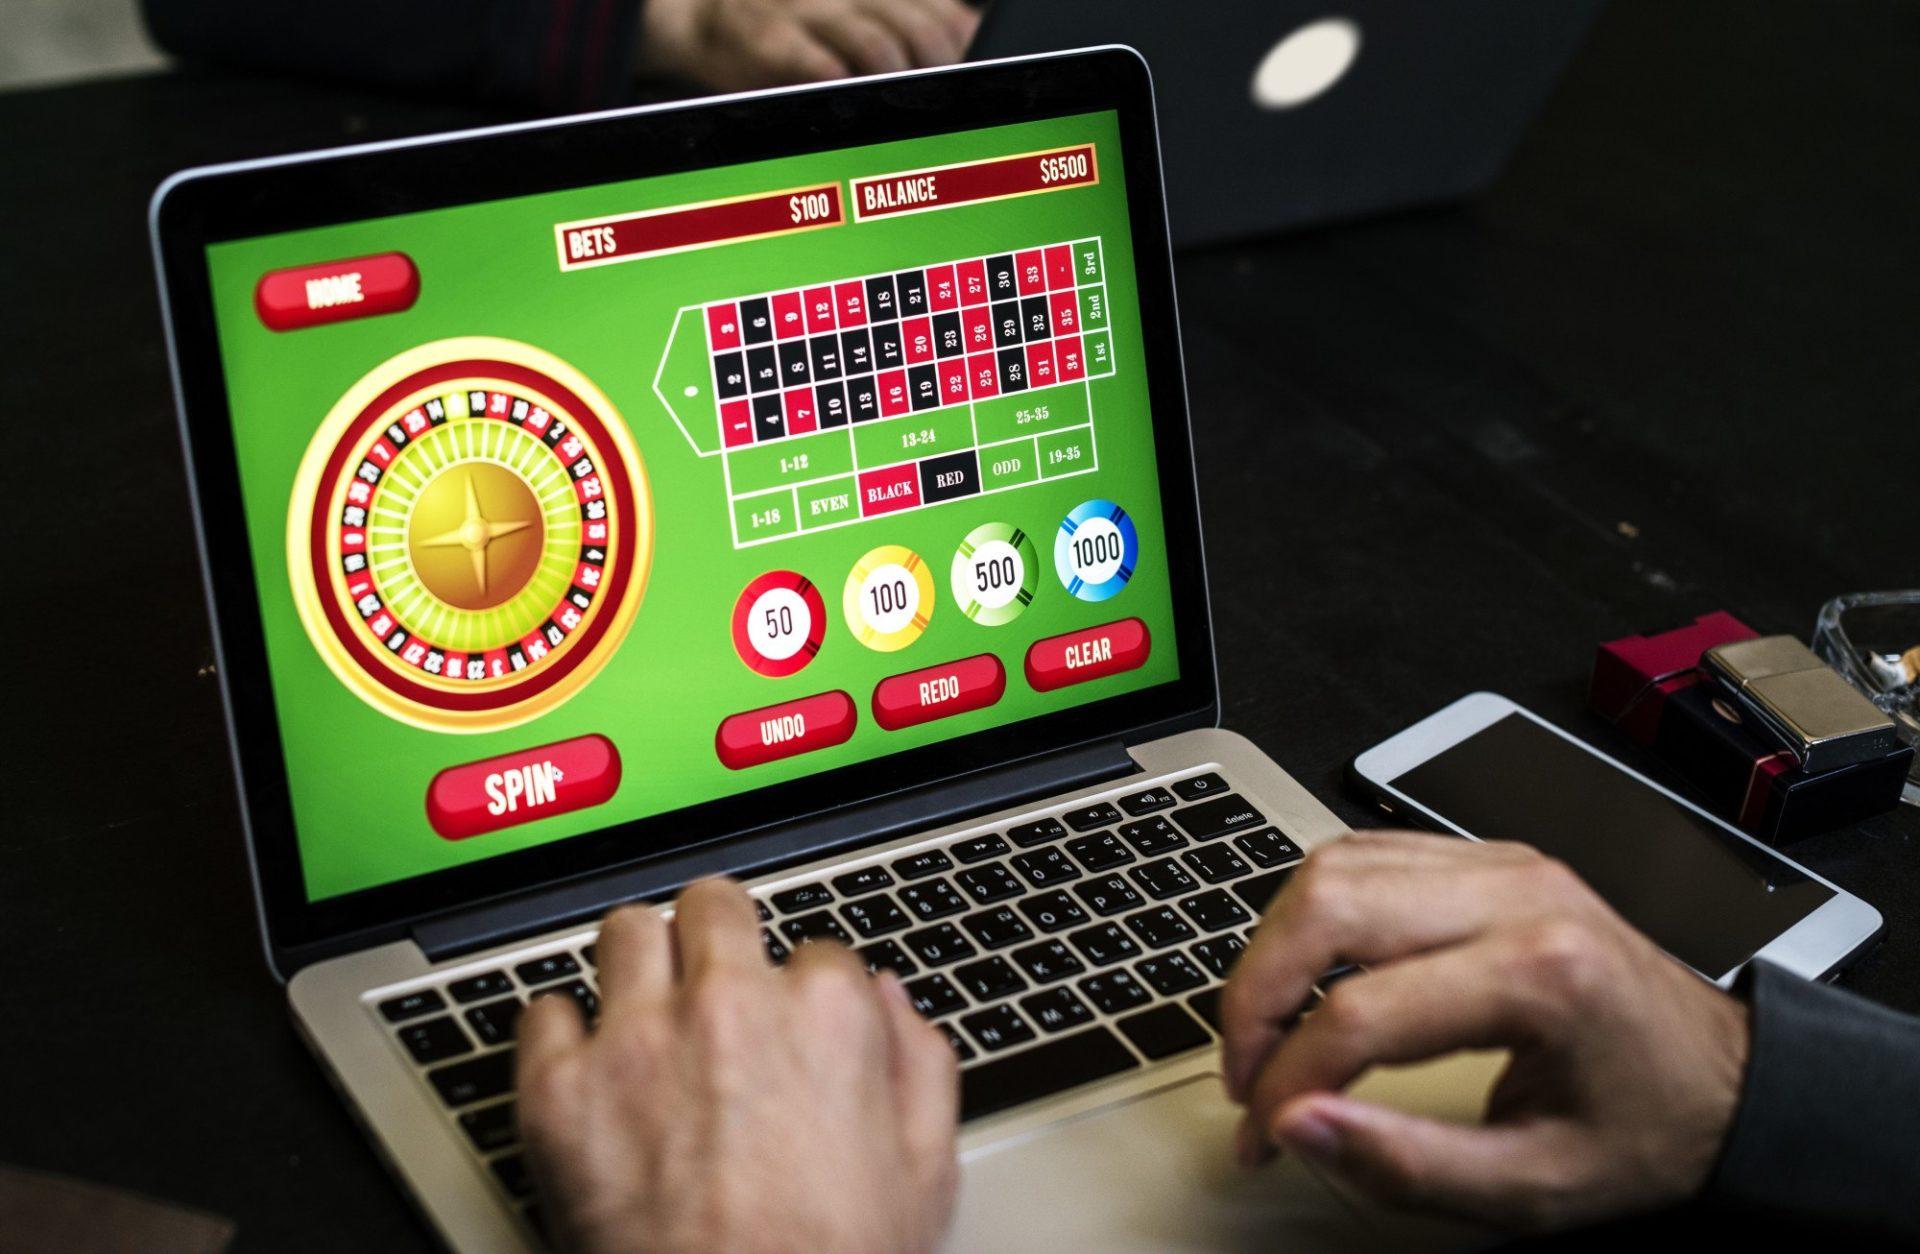 В России заморозили работу нелегальных онлайн-казино и букмекеров